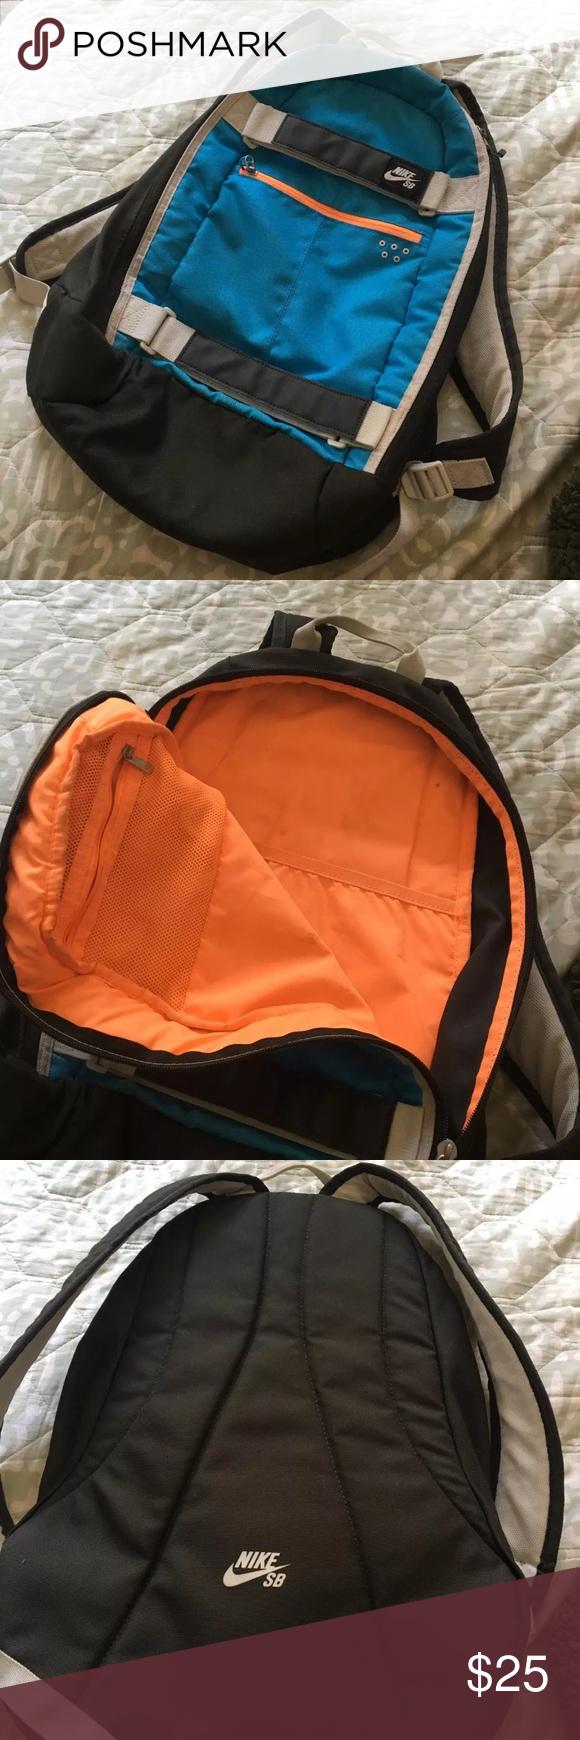 7e5bdc4b84 Nike SB backpack